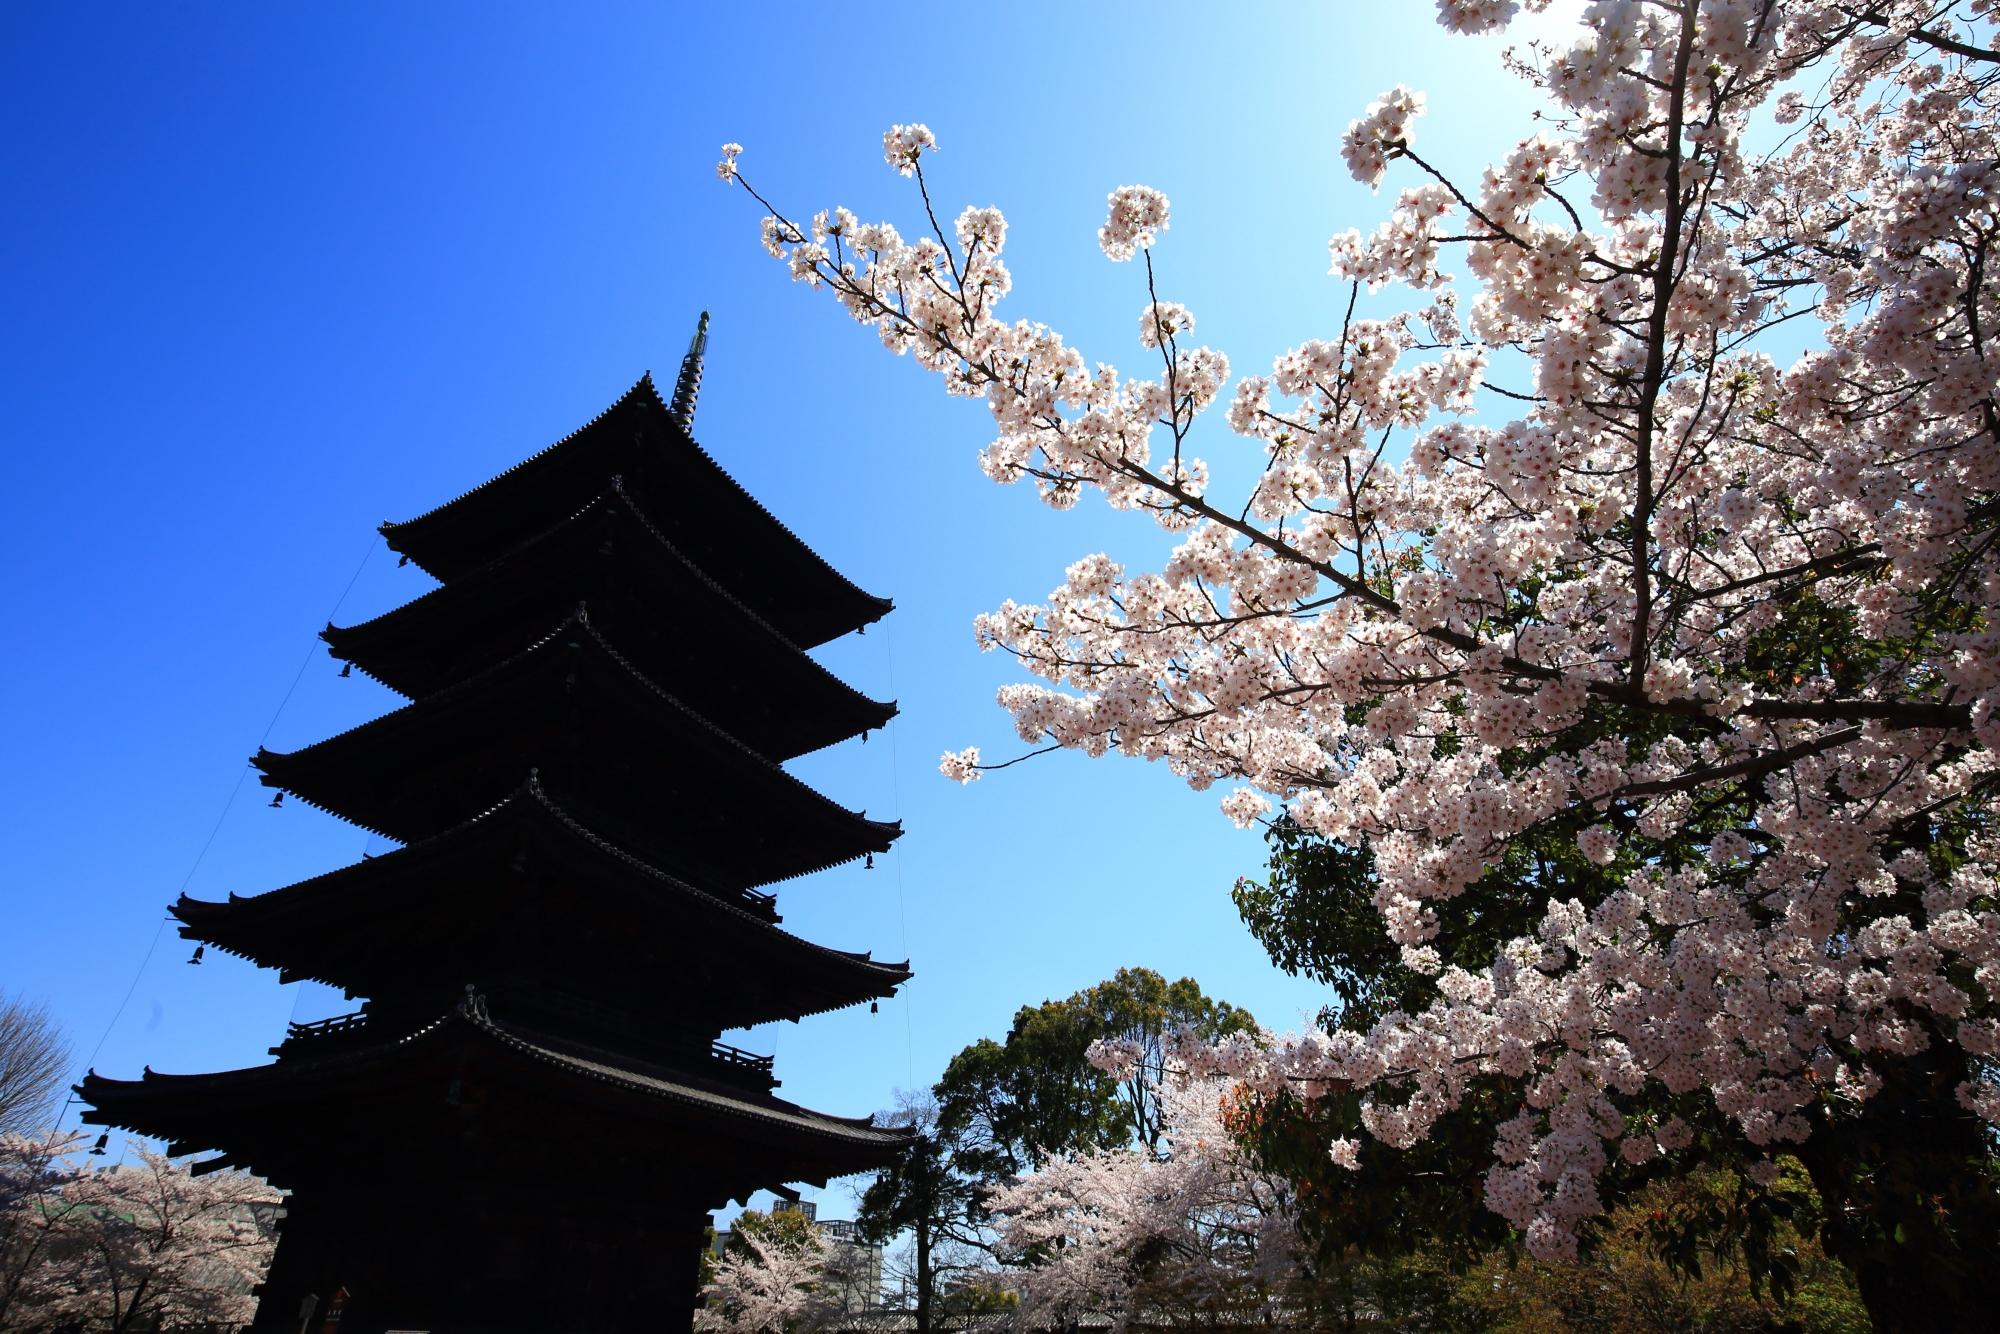 五重塔を彩る太陽に照らされた煌びやかな桜